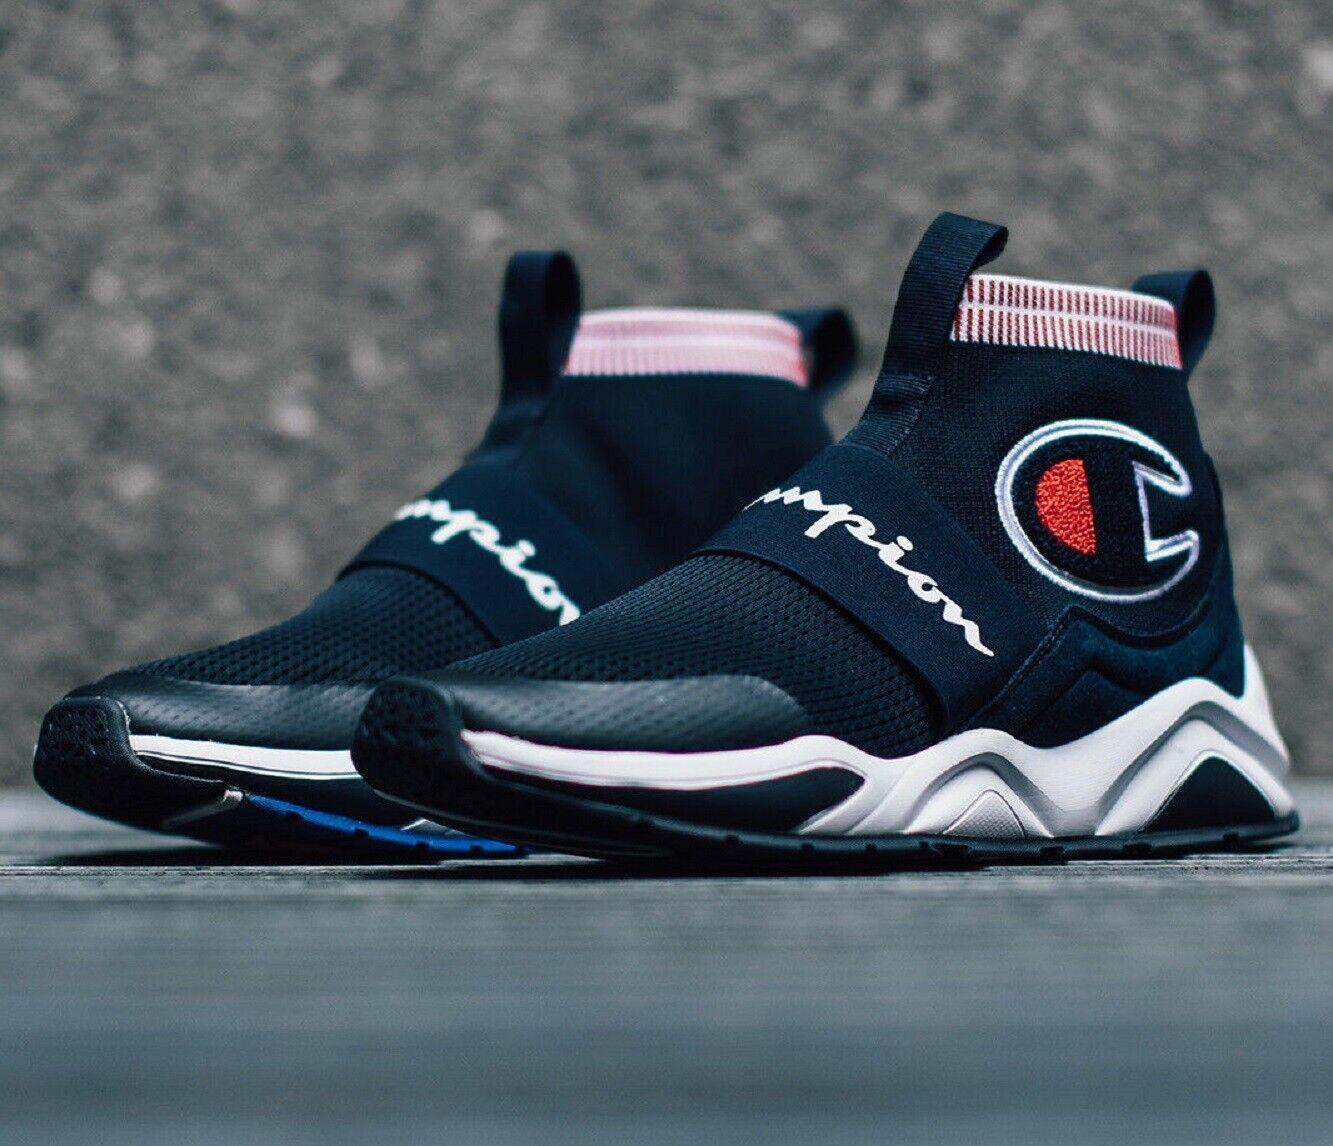 Campione Rally Pro Hiker Men's scarpe da  ginnastica Lifestyle scarpe  perfezionare